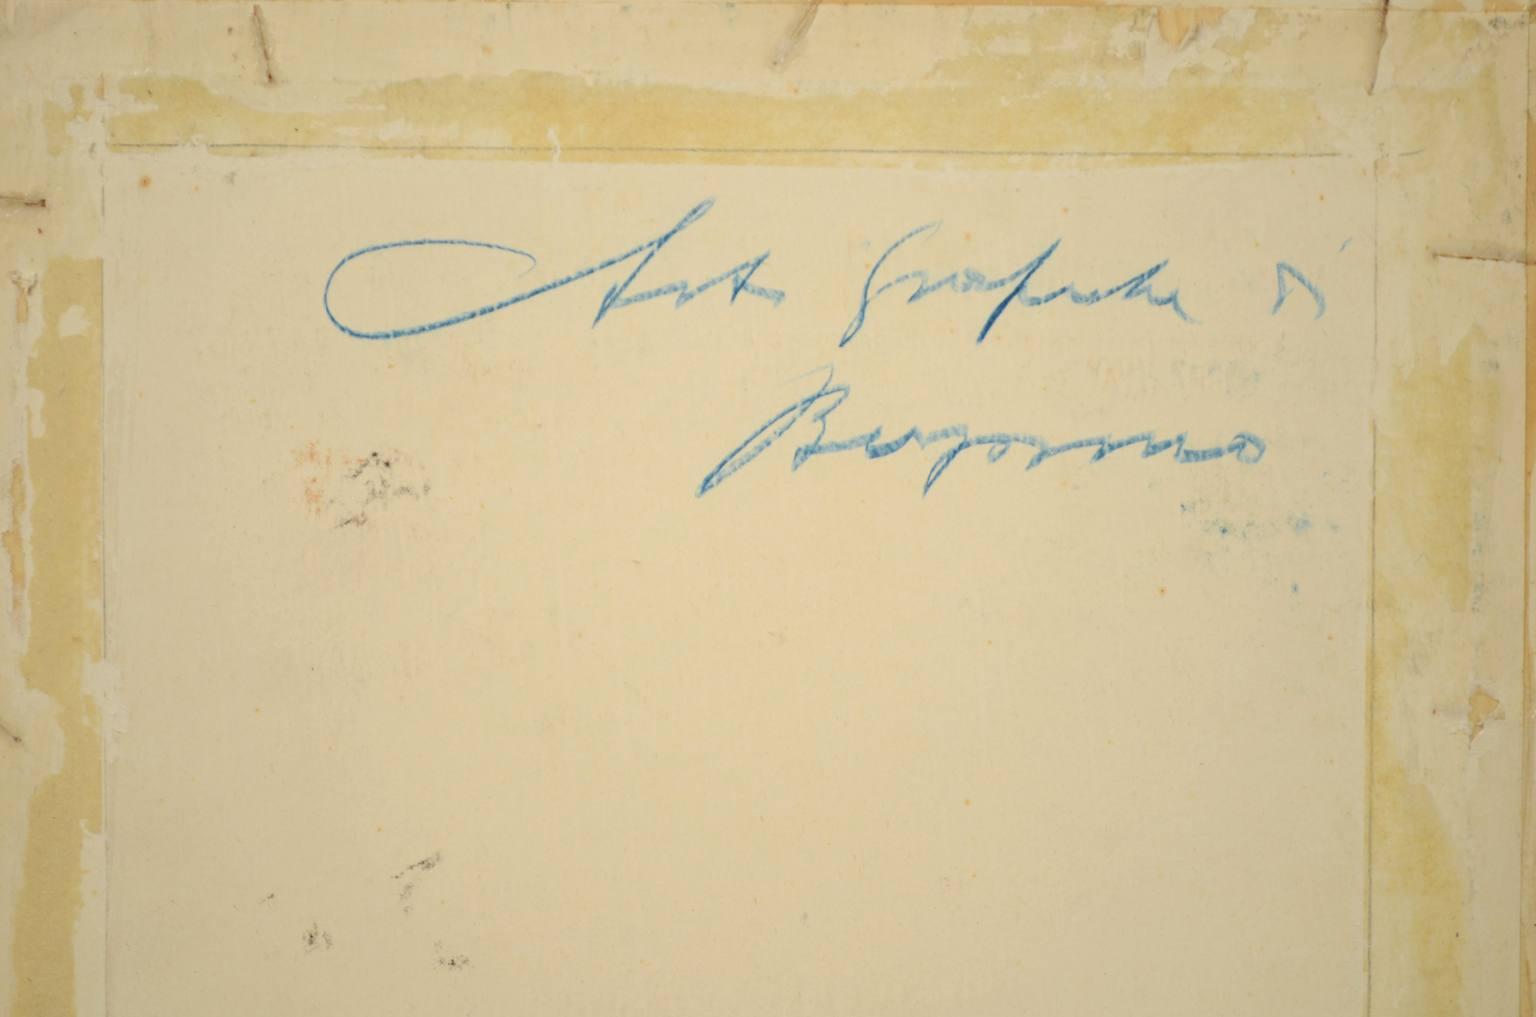 Strumenti medici d'epoca/2566-Bozzetto futurismo 1930